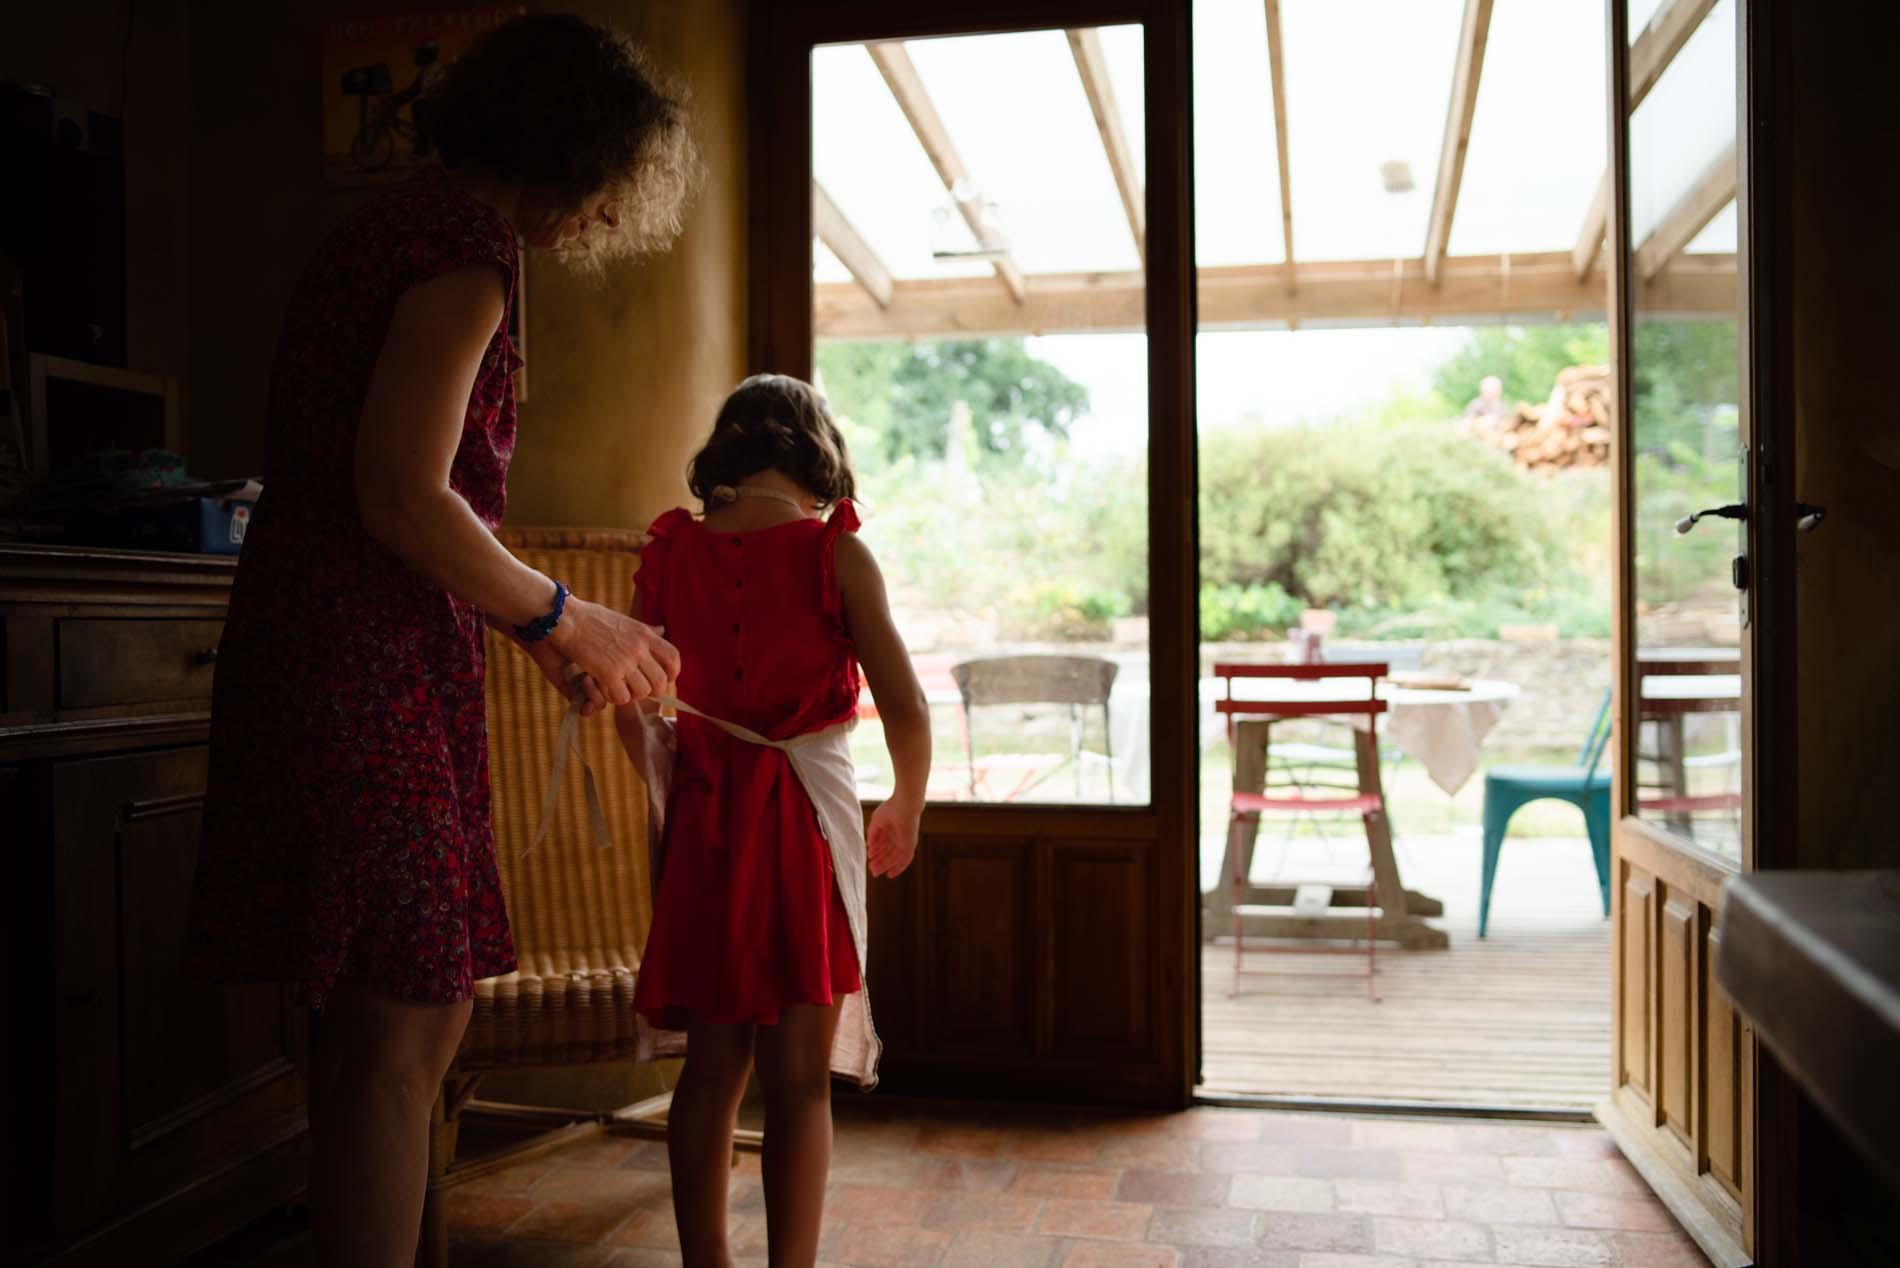 Photographe de famille - Pascaline Michon - Photographe Laval - Photographe de reportage